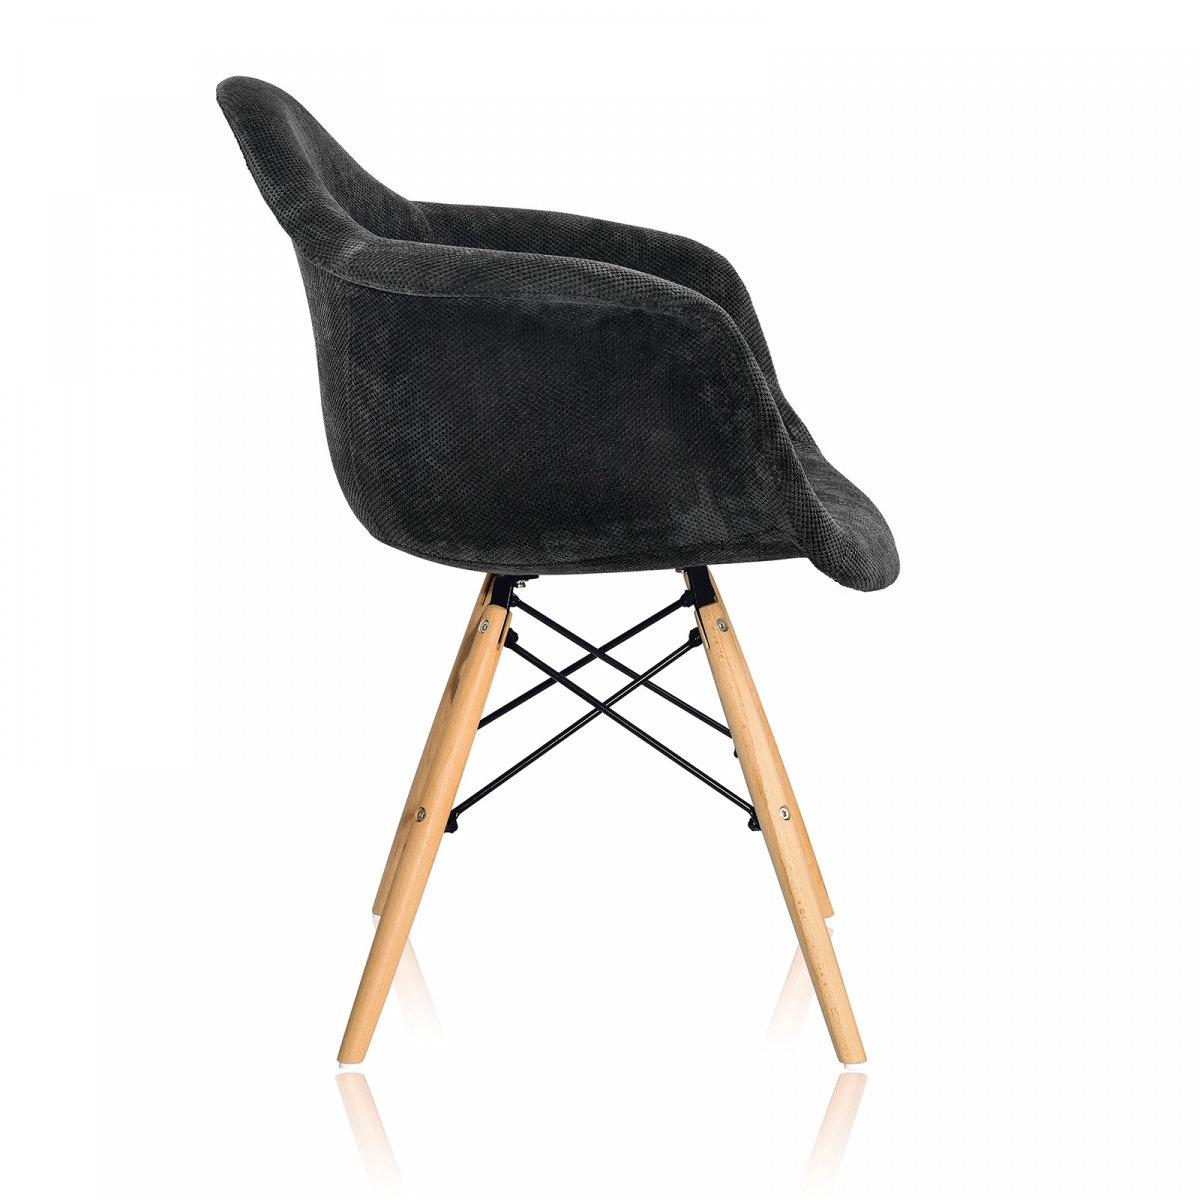 Стул-кресло Eames Style DAW Fabric (Эймс Стайл ДАВ Фабрик)